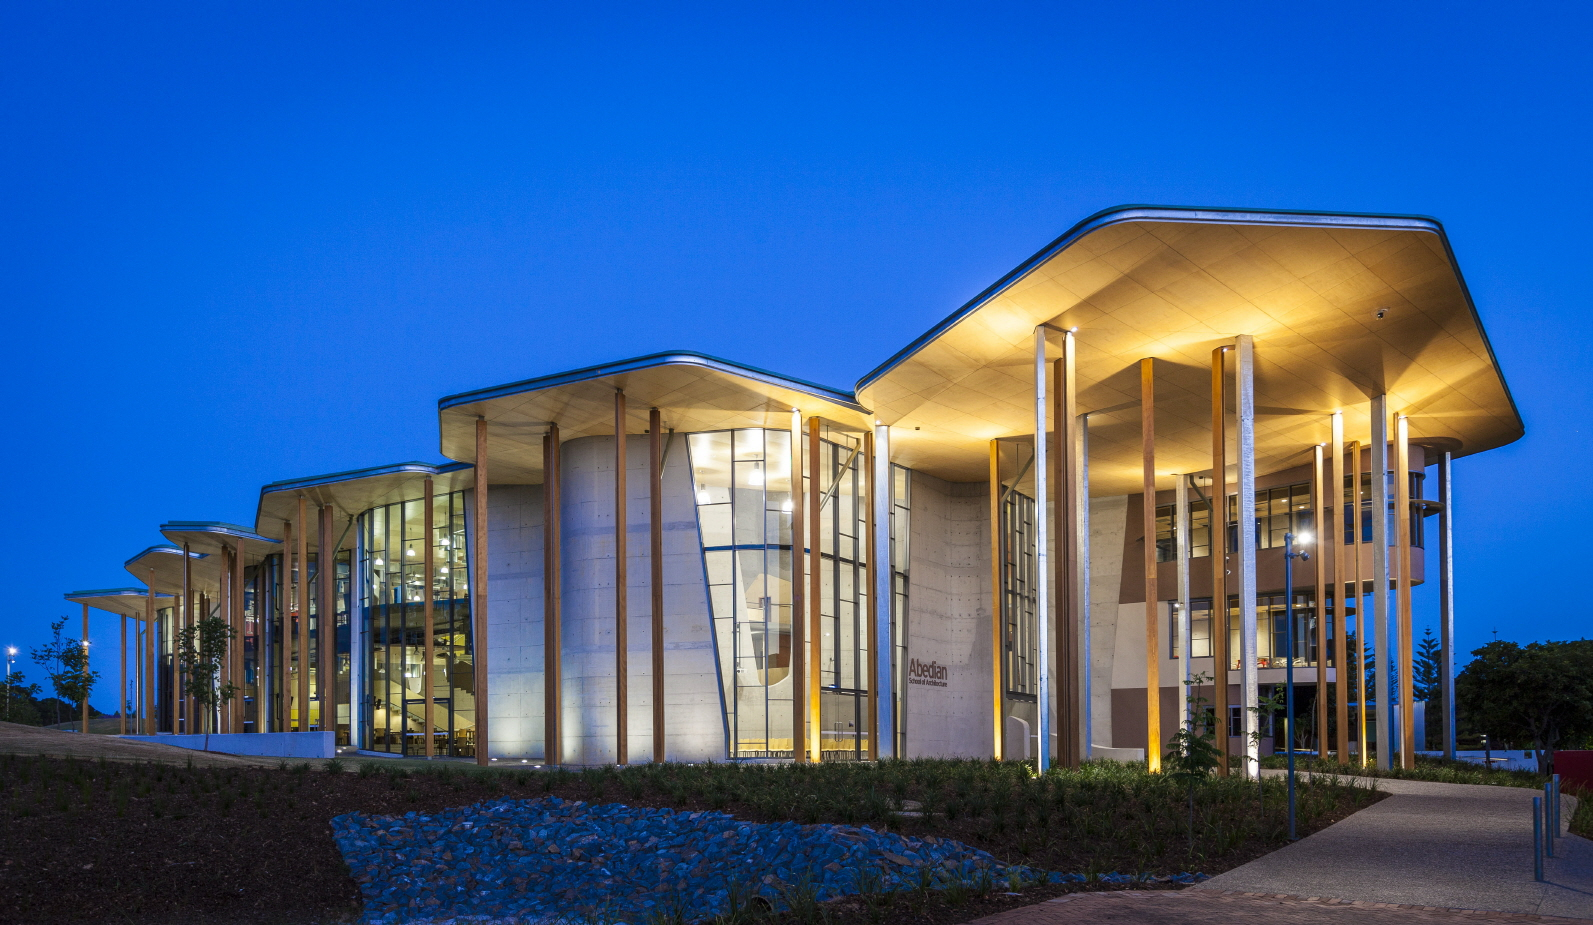 〔안정원의 디자인 칼럼〕 바람의 순환 관계와 햇볕의 열기를 고려한 창의적인 학교 공간 1.